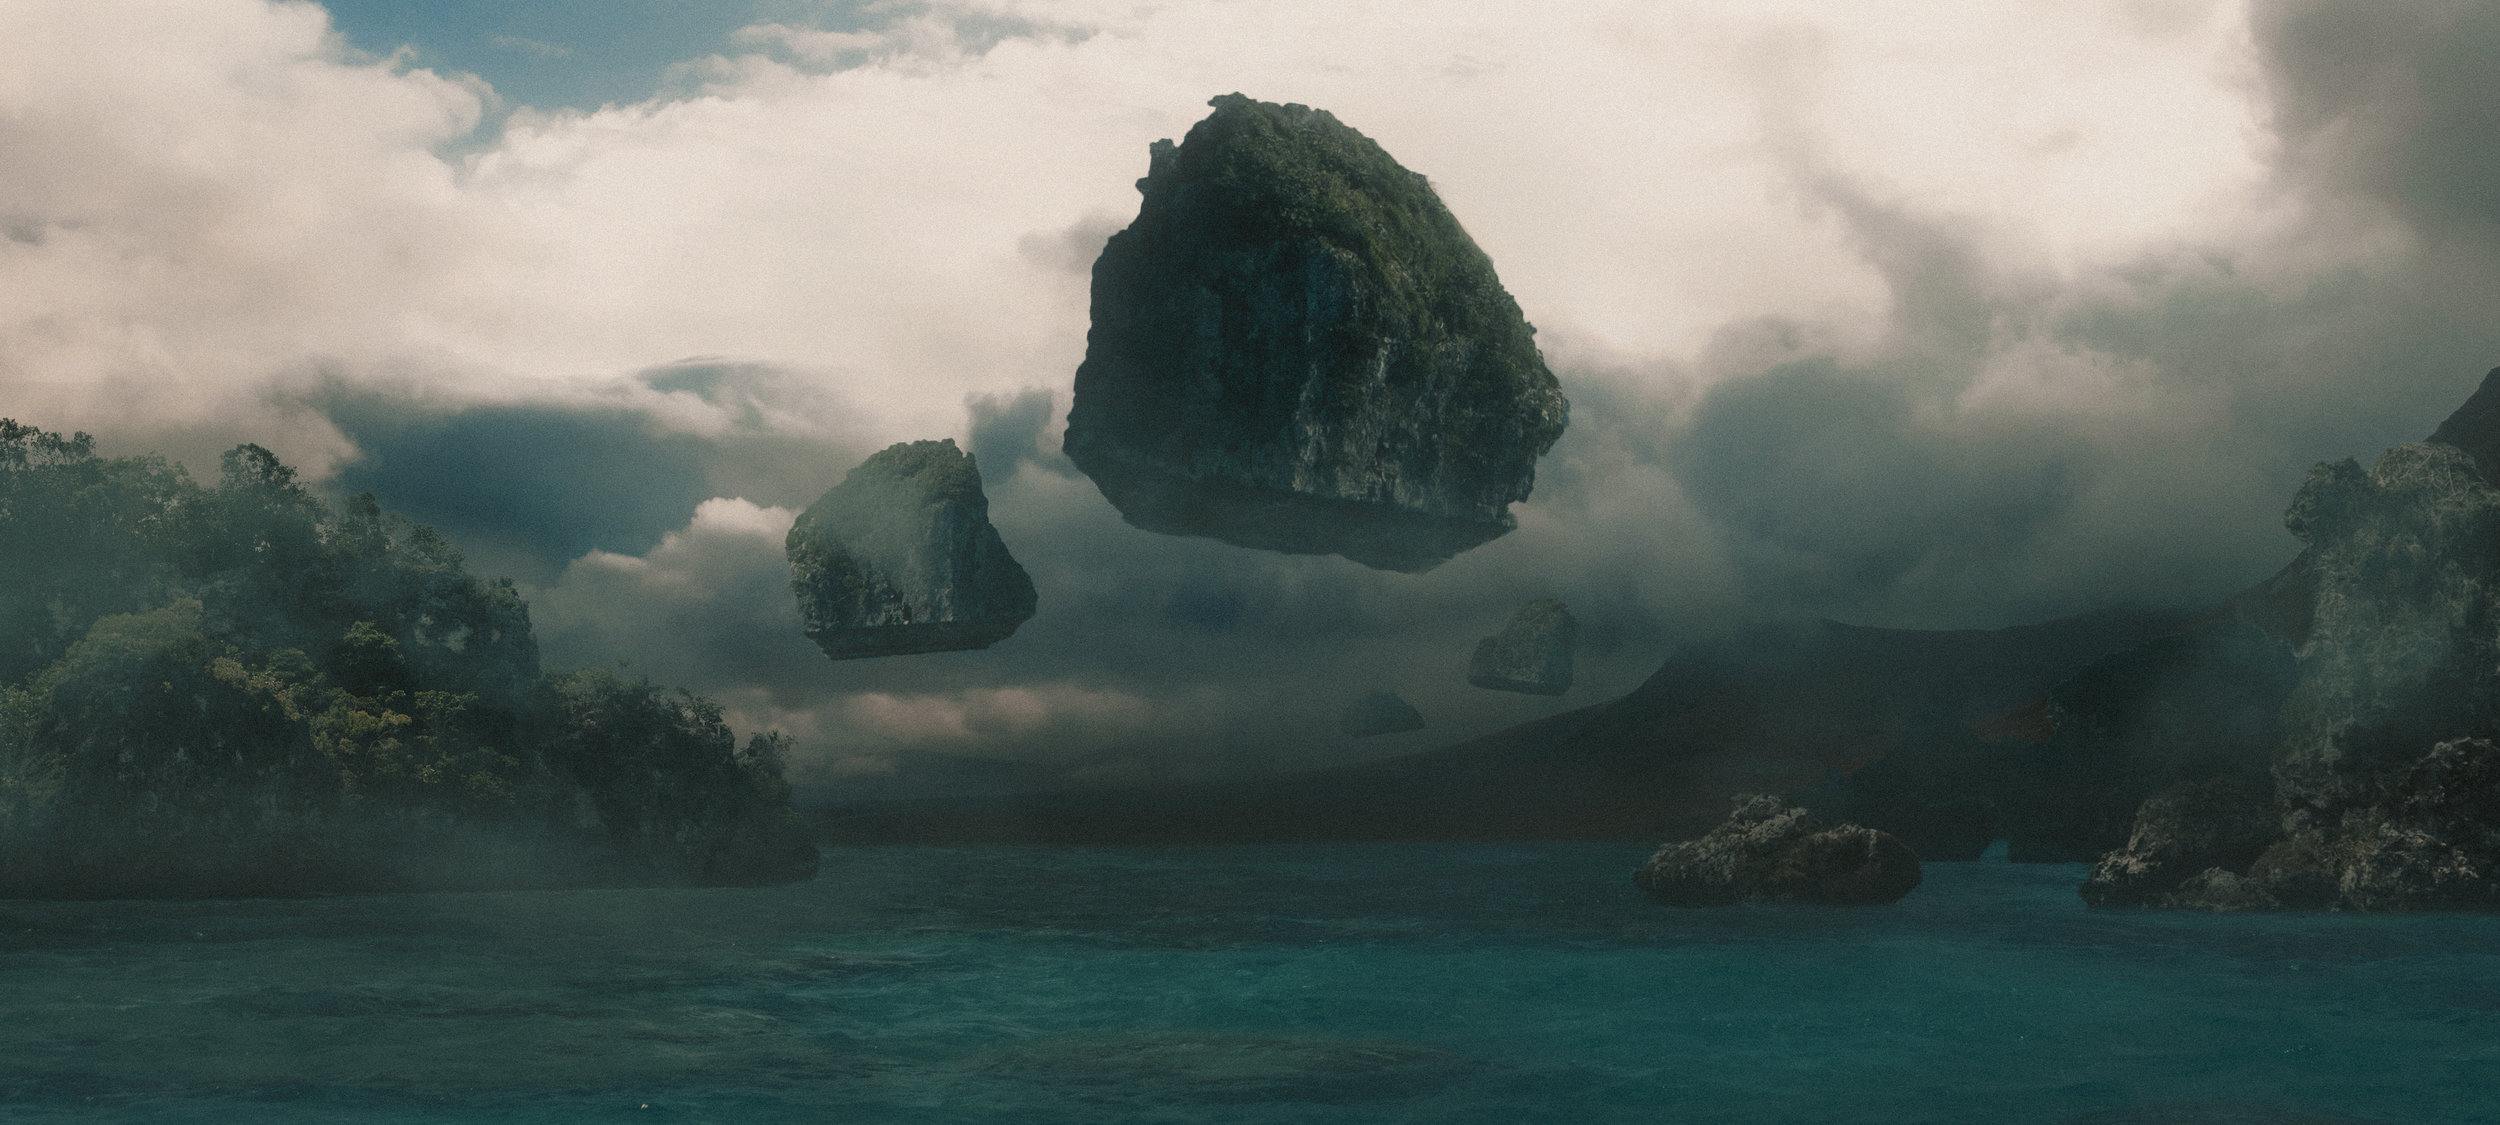 water_floting_rocks.jpg